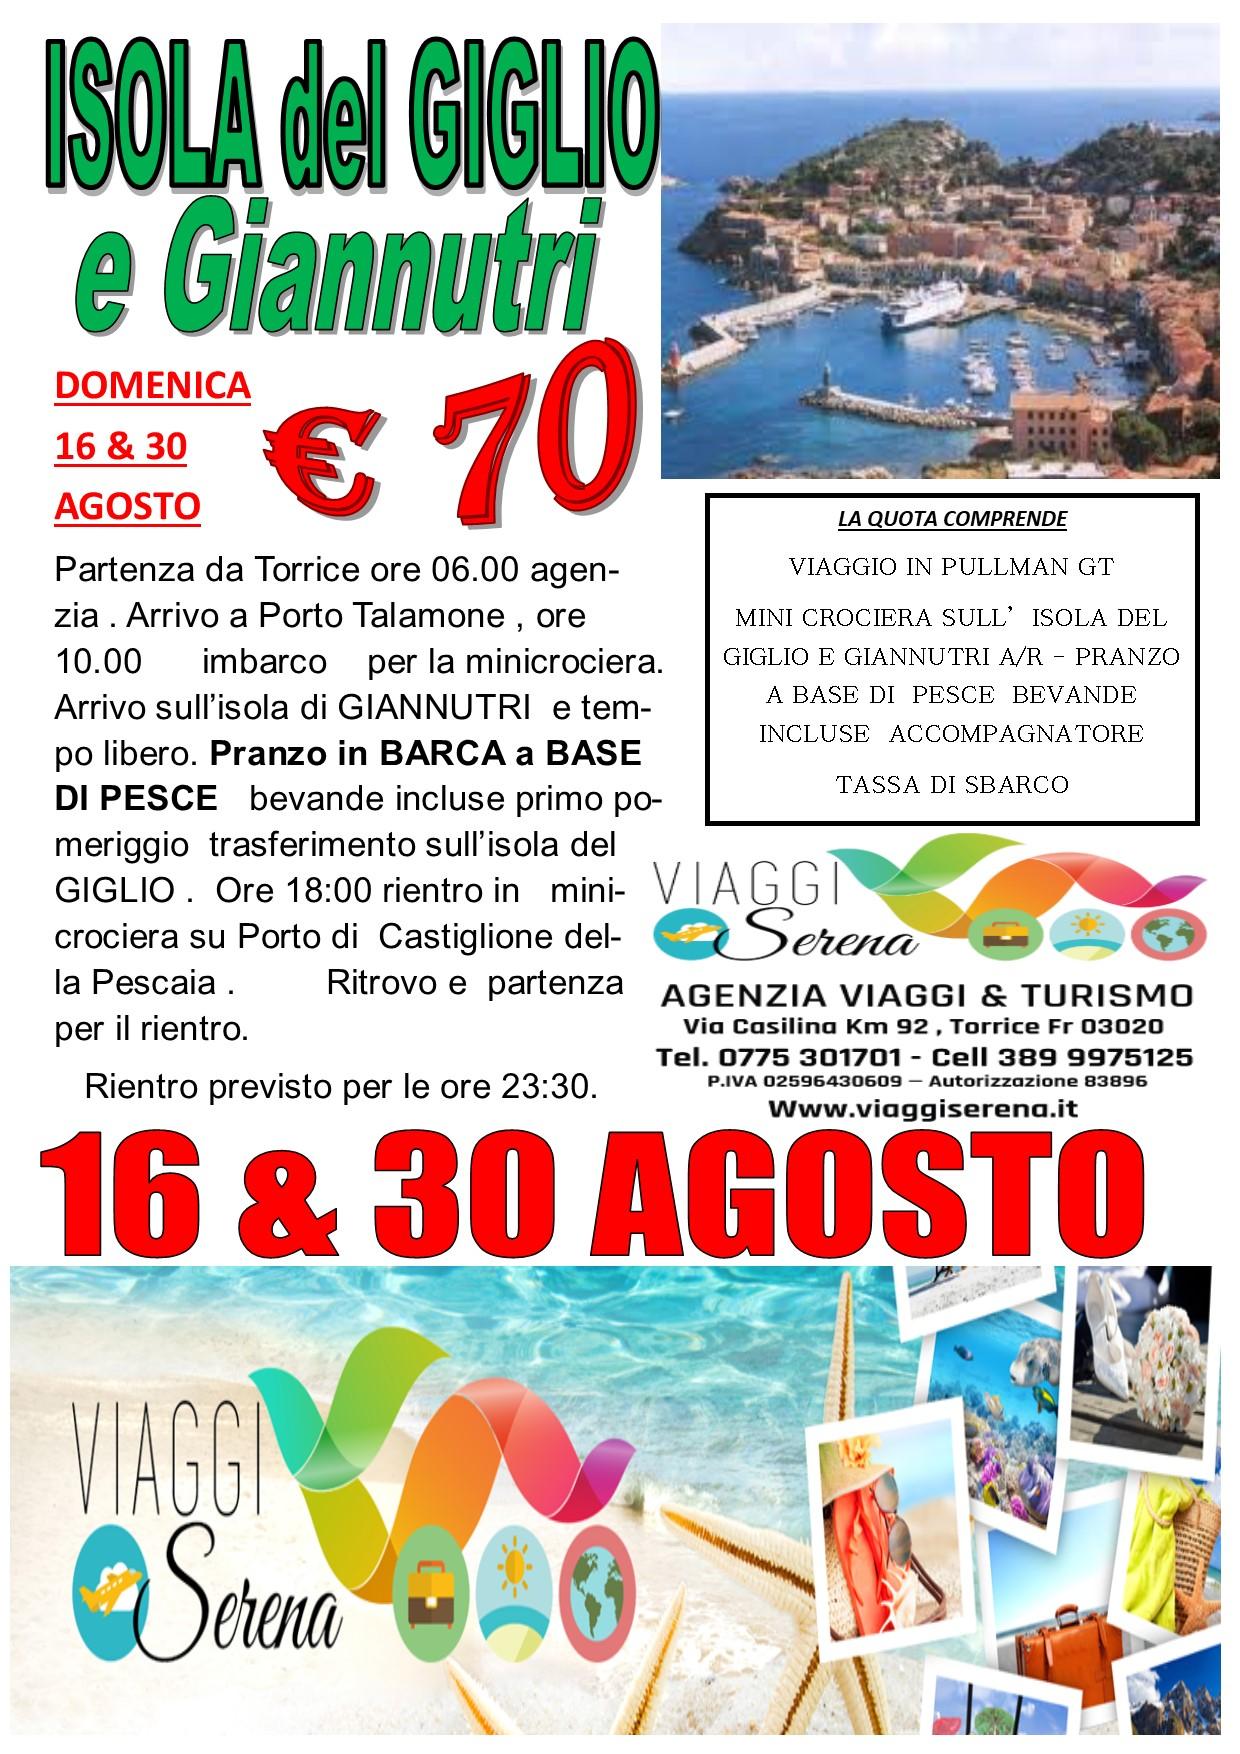 Viaggi di Gruppo: Minicrociera Isola del GIGLIO & Isola di Giannutri  30 Agosto €70,00